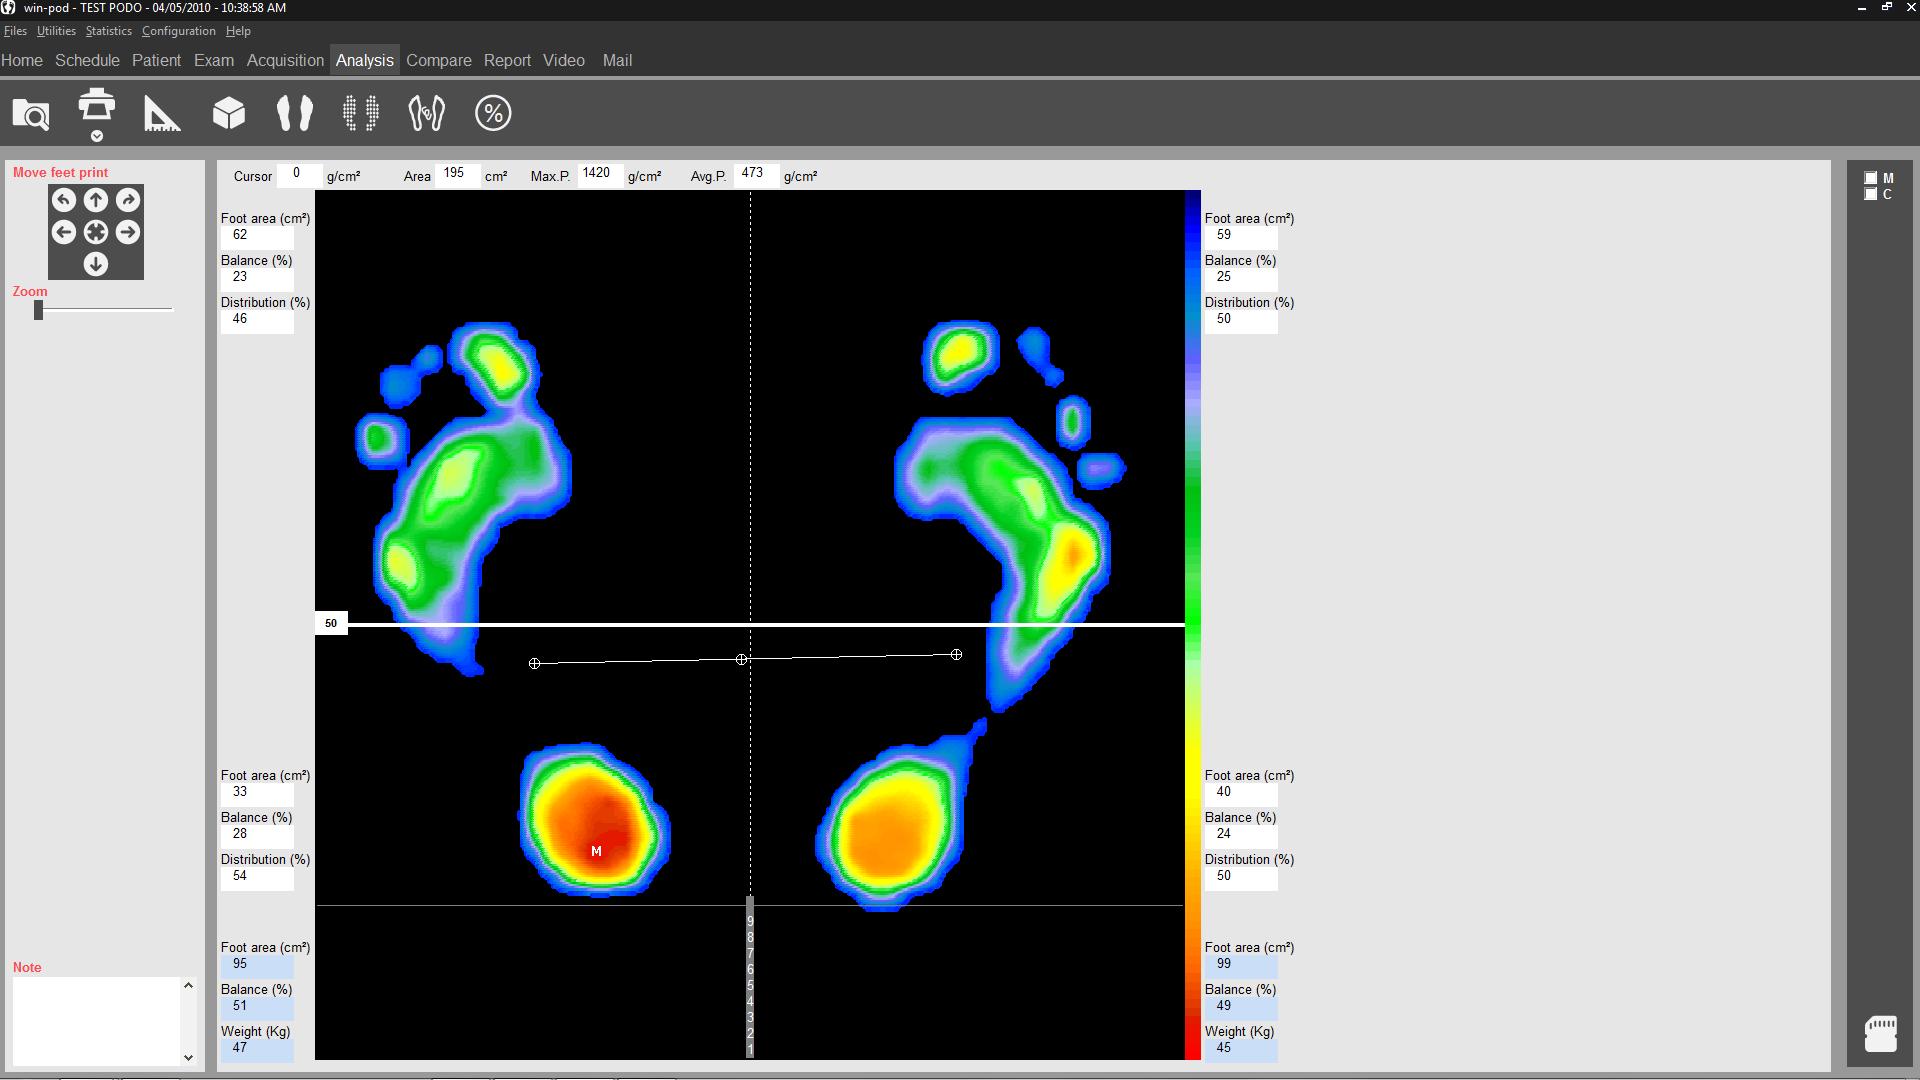 Statics analysis Winpod